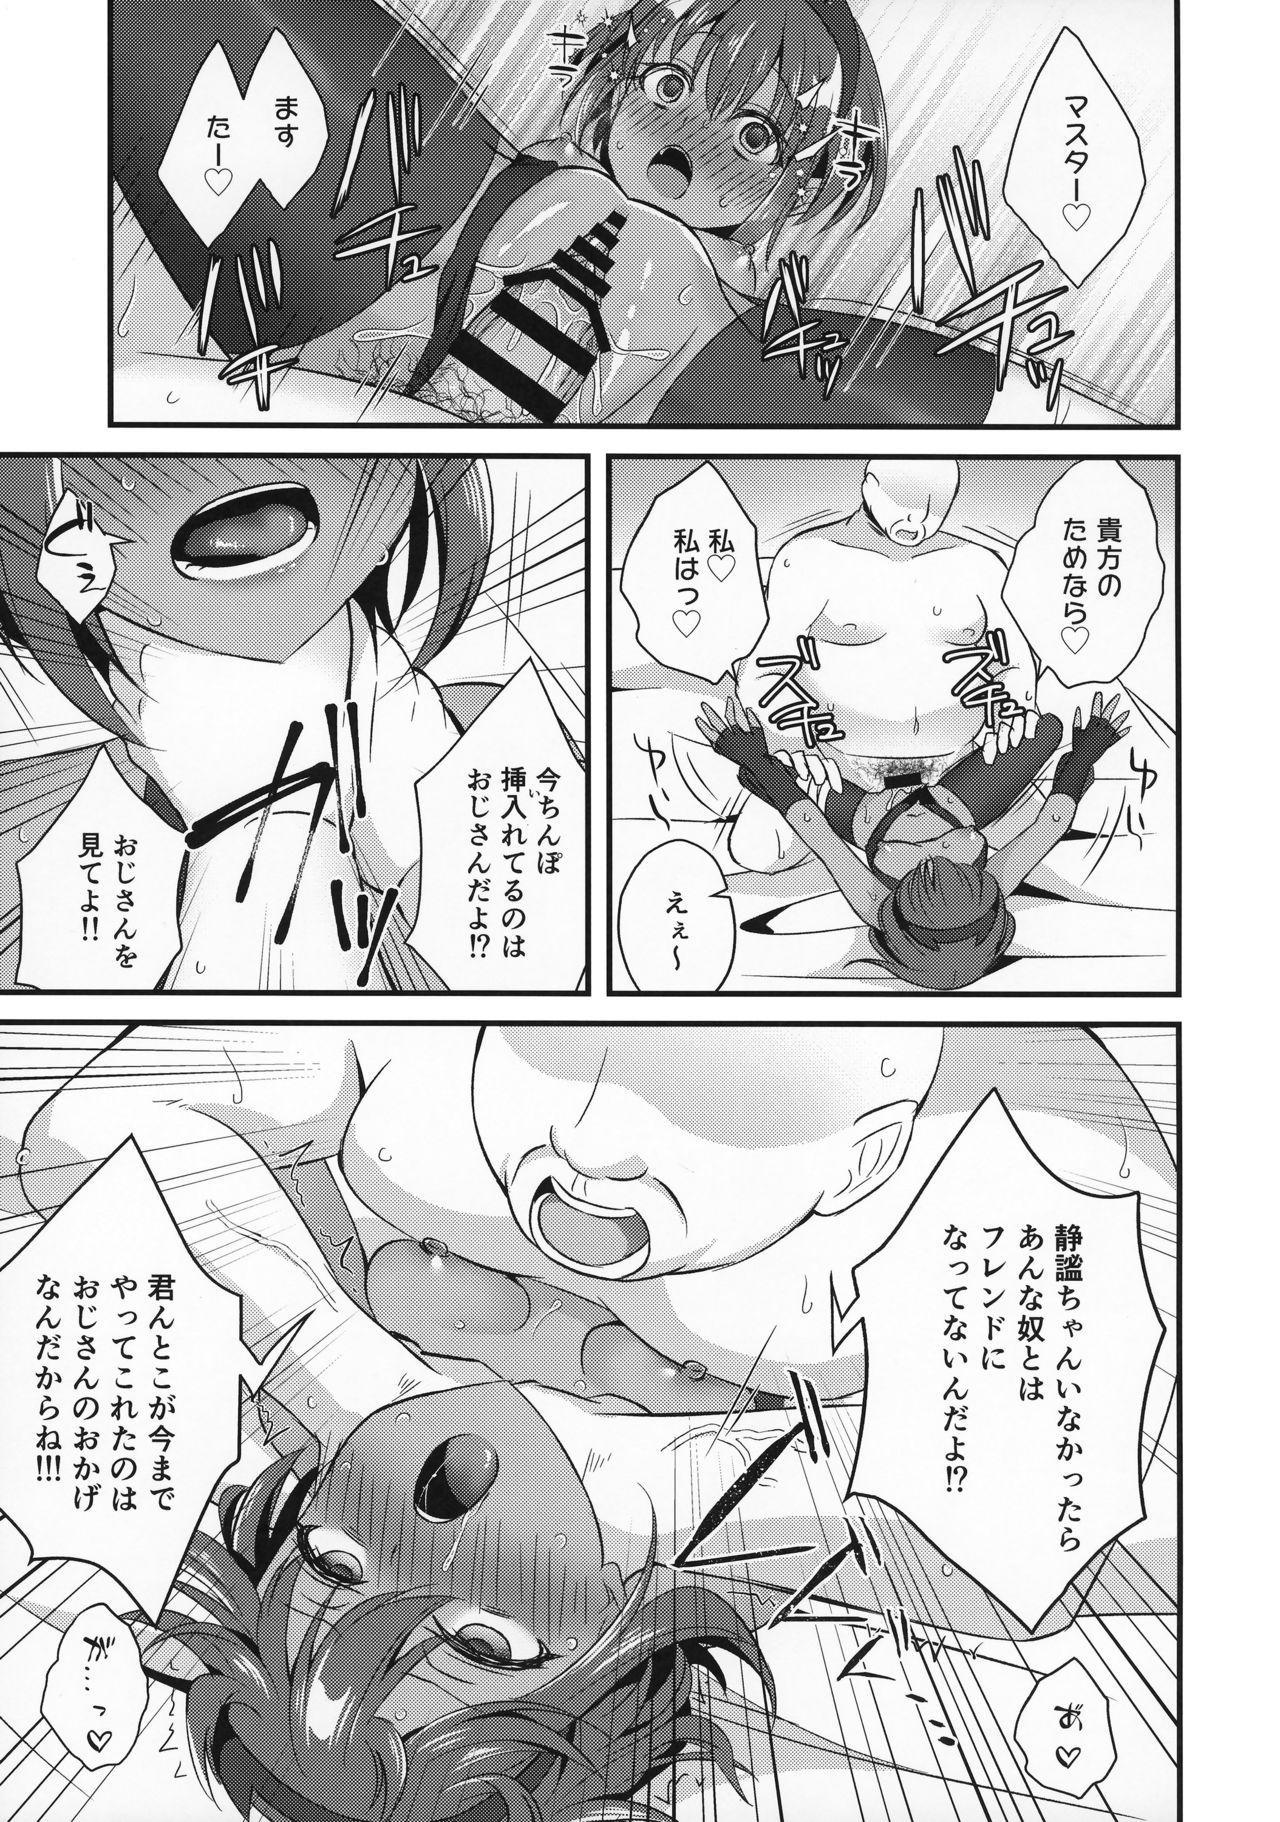 NTR ni Saku Doku no Hana 11